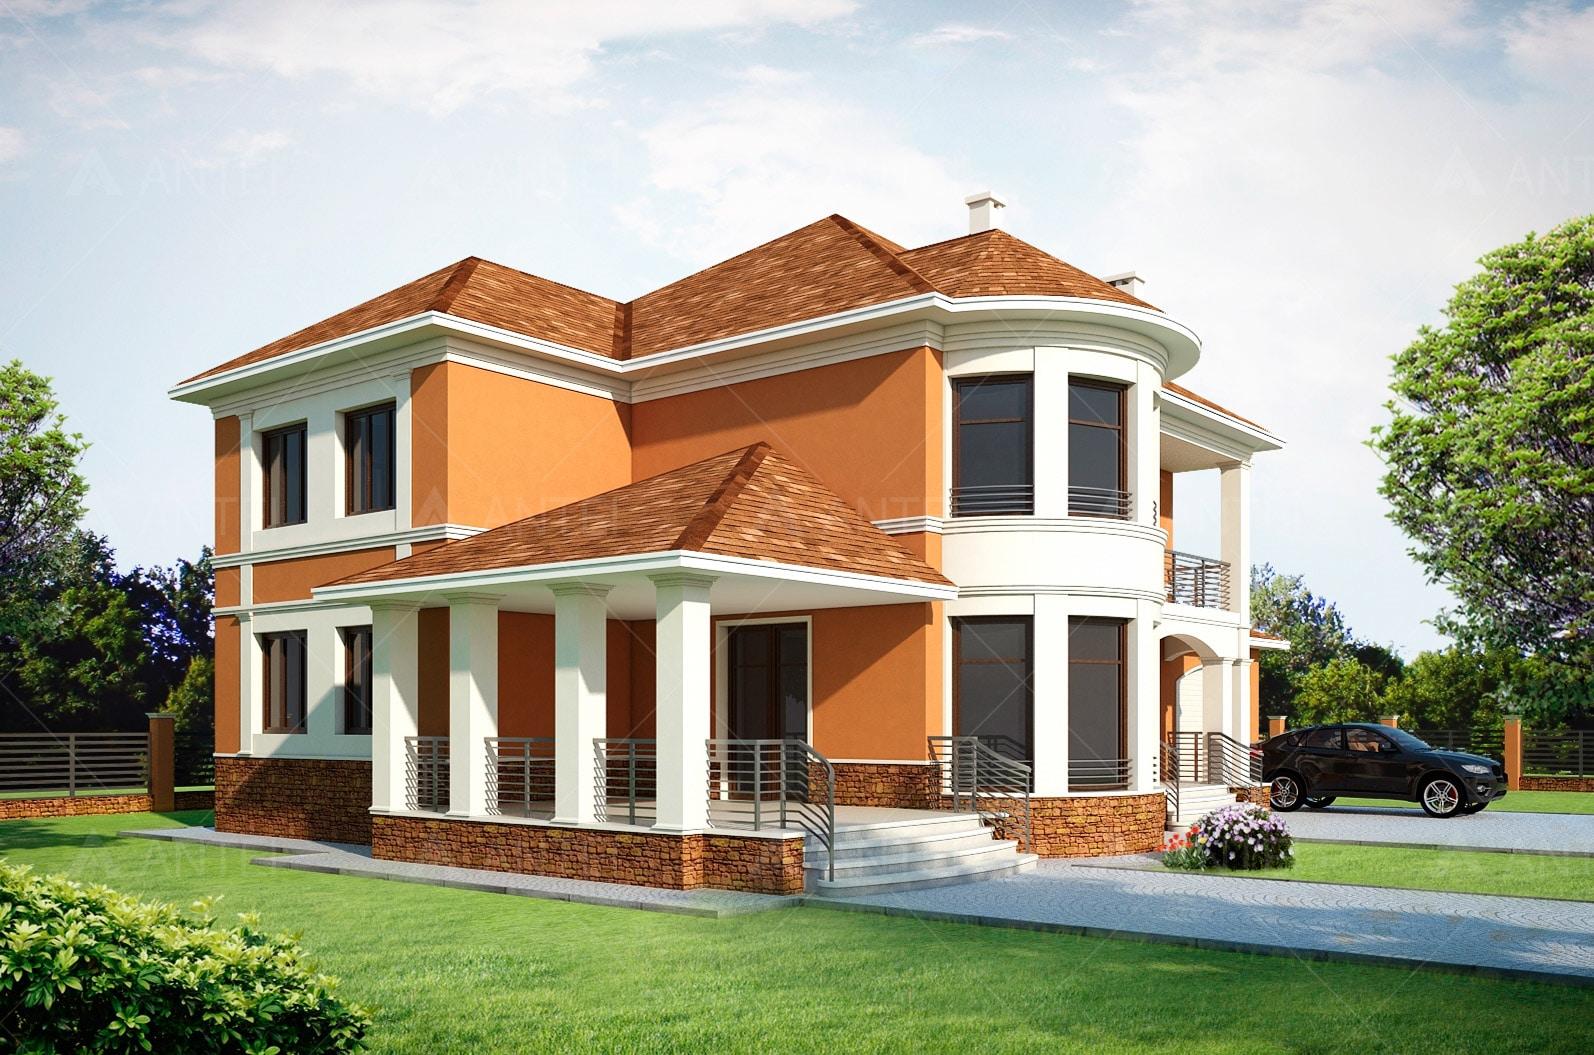 Проект двухэтажного дома с гаражом, террасой и подвалом «КД-26» - фото №2